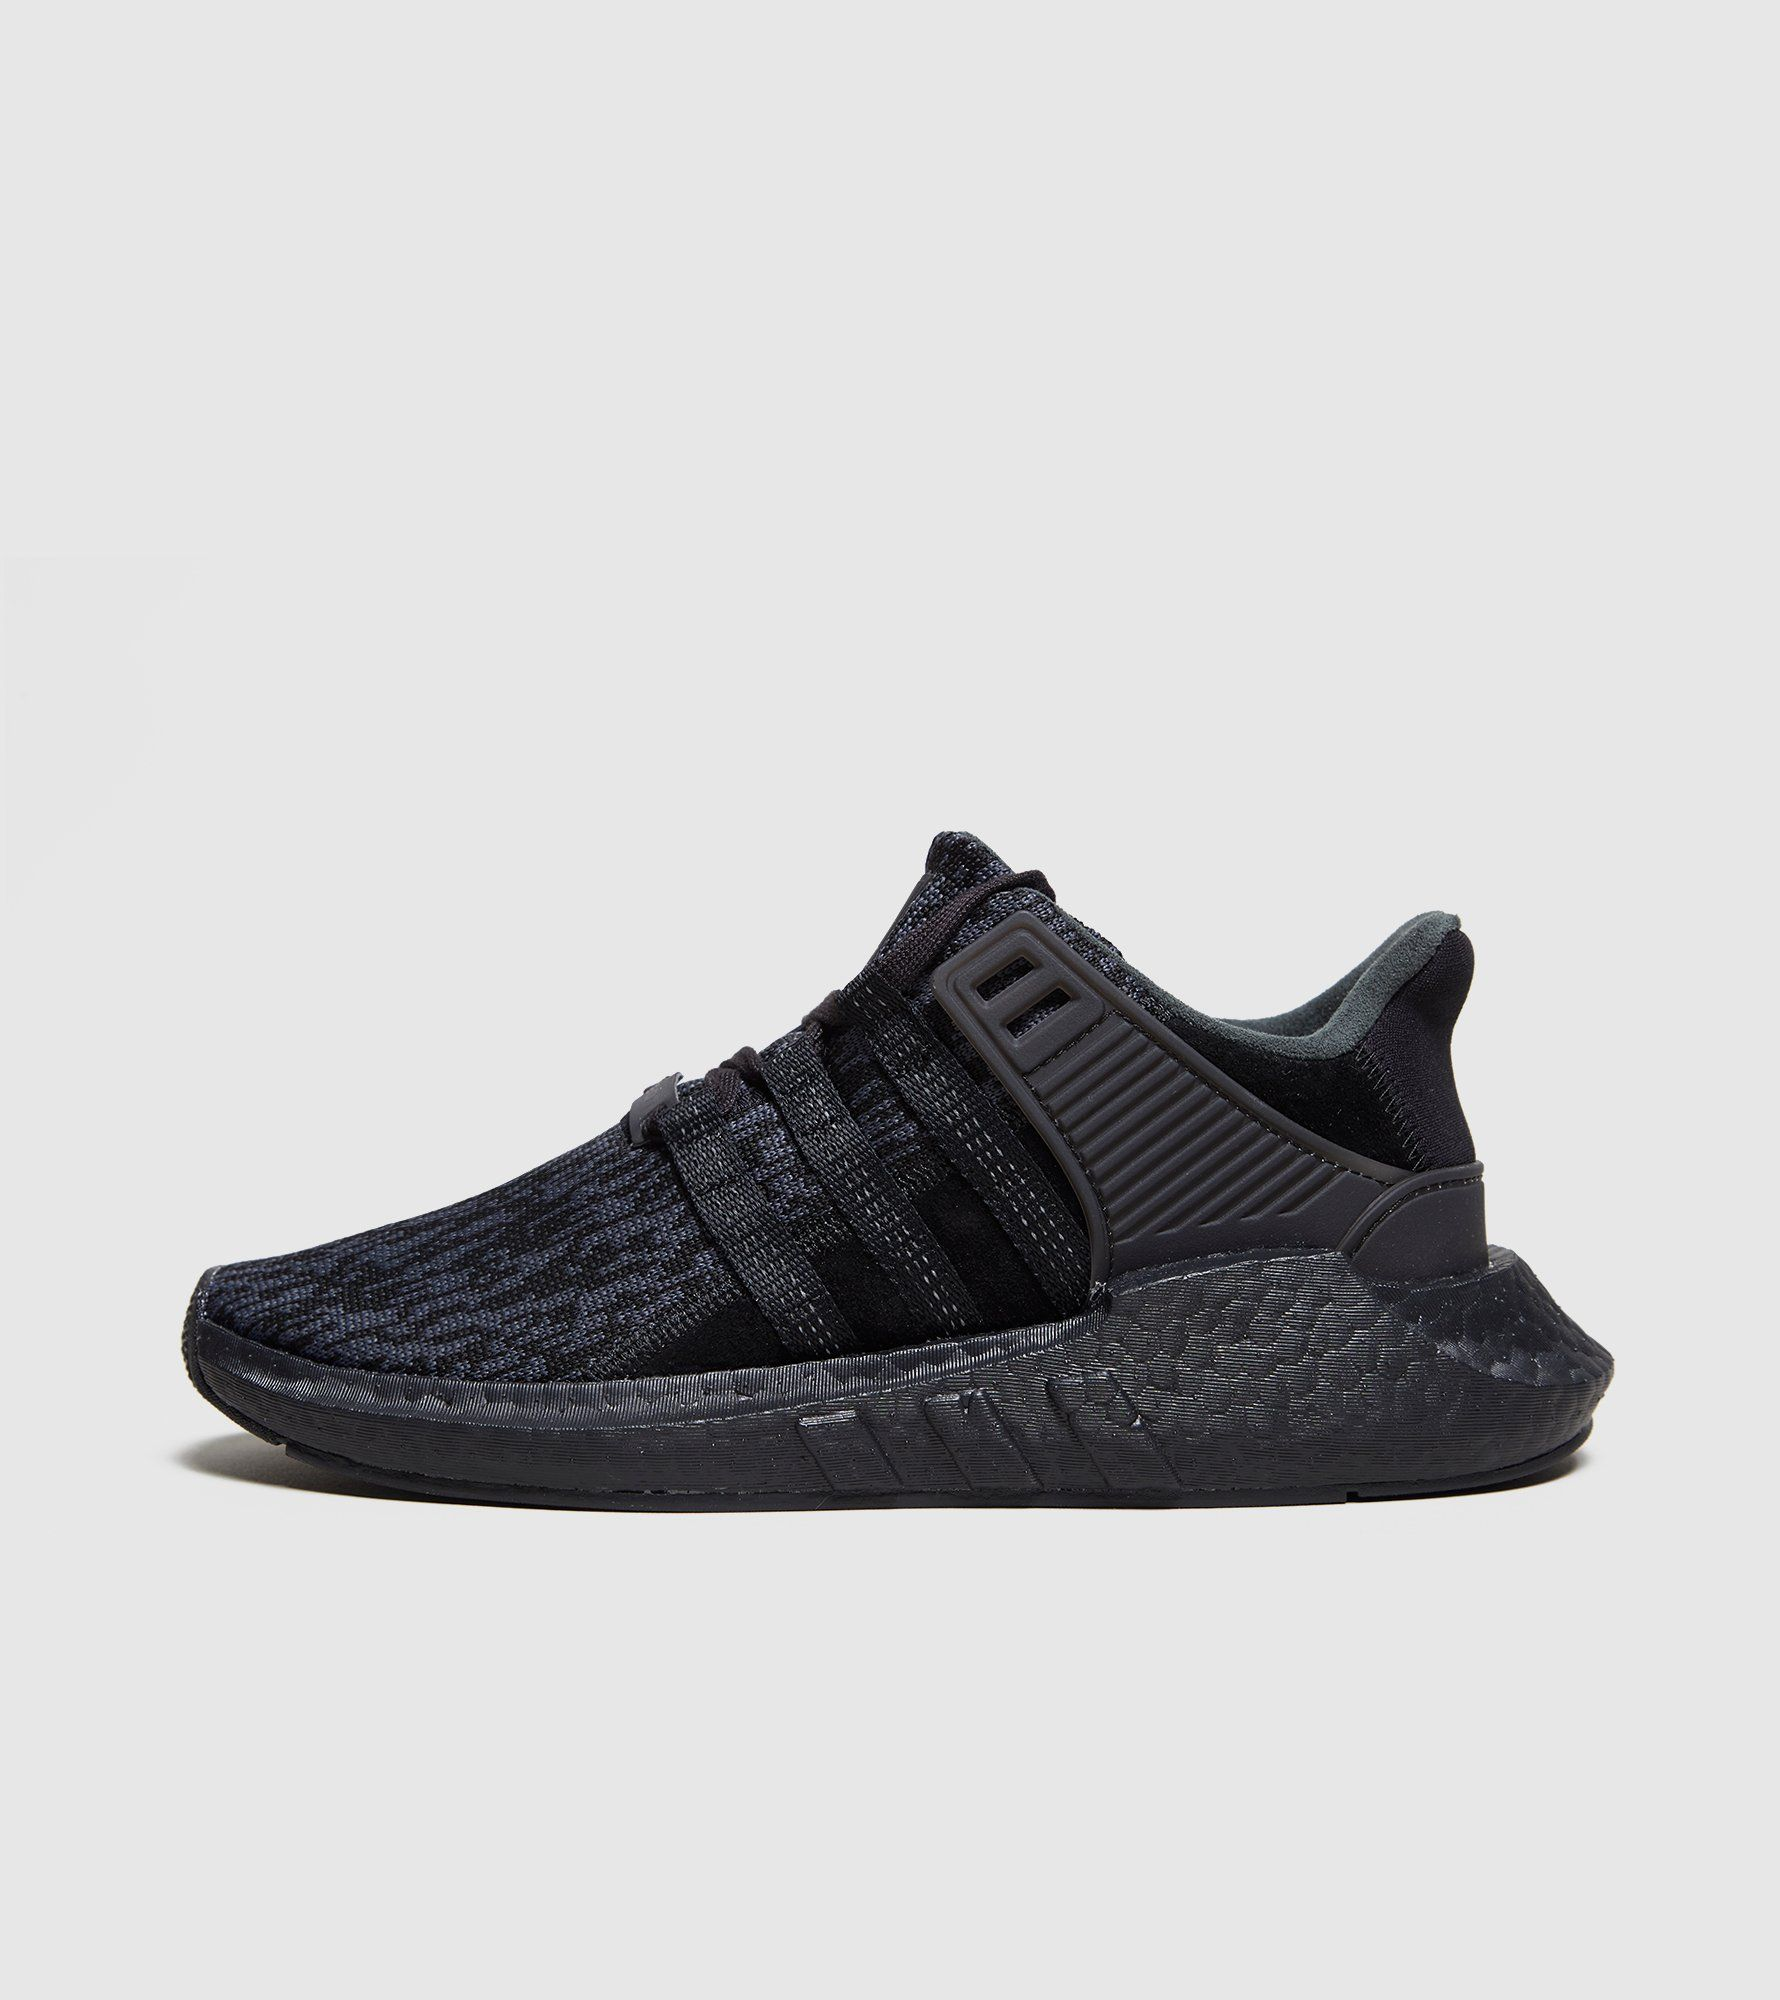 Adidas Originals Eqt Support 93/17 Negro 2EzhzXNy4P